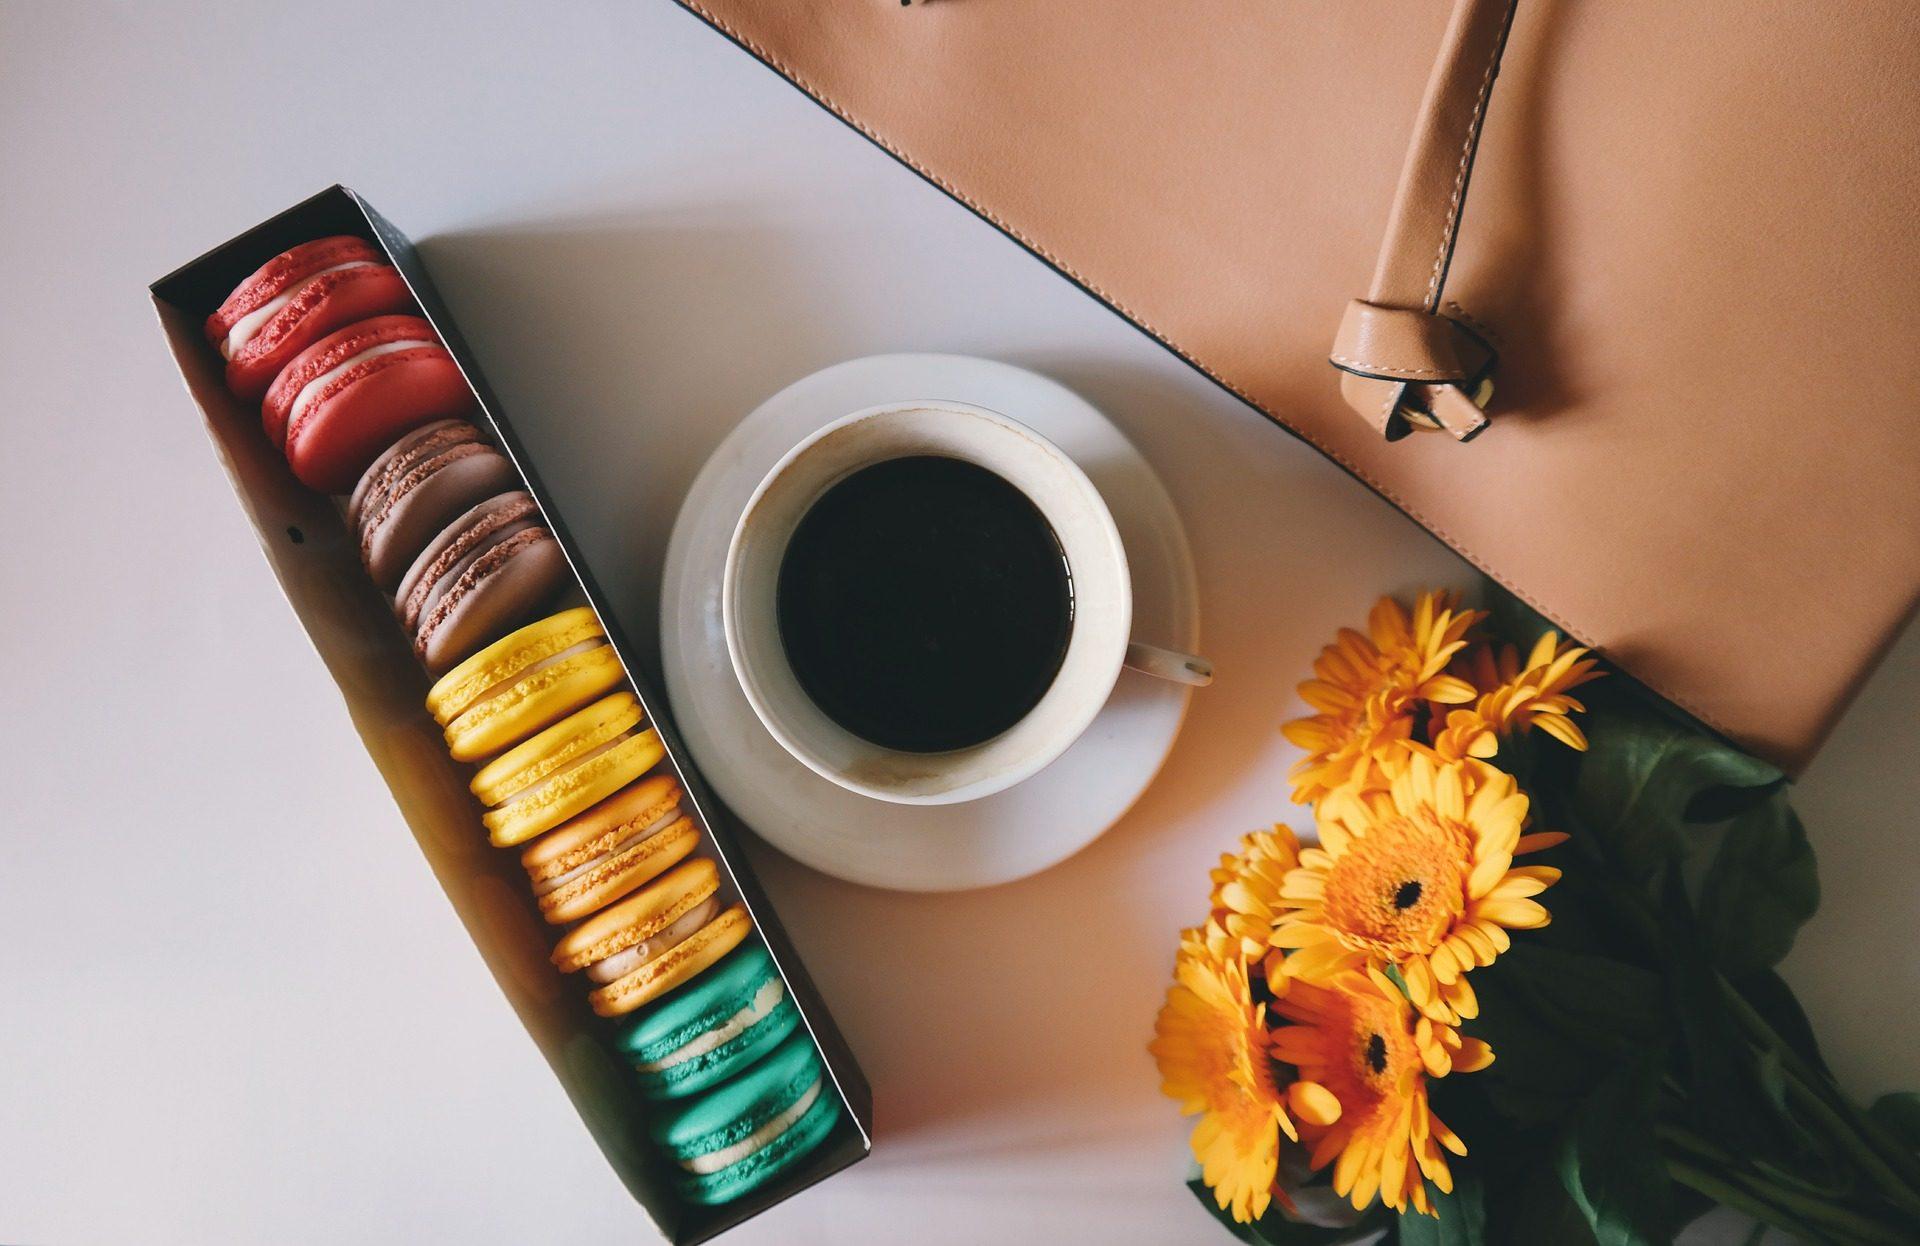 кофе, Макароны, Цветы, Кубок, Карман, красочные - Обои HD - Профессор falken.com